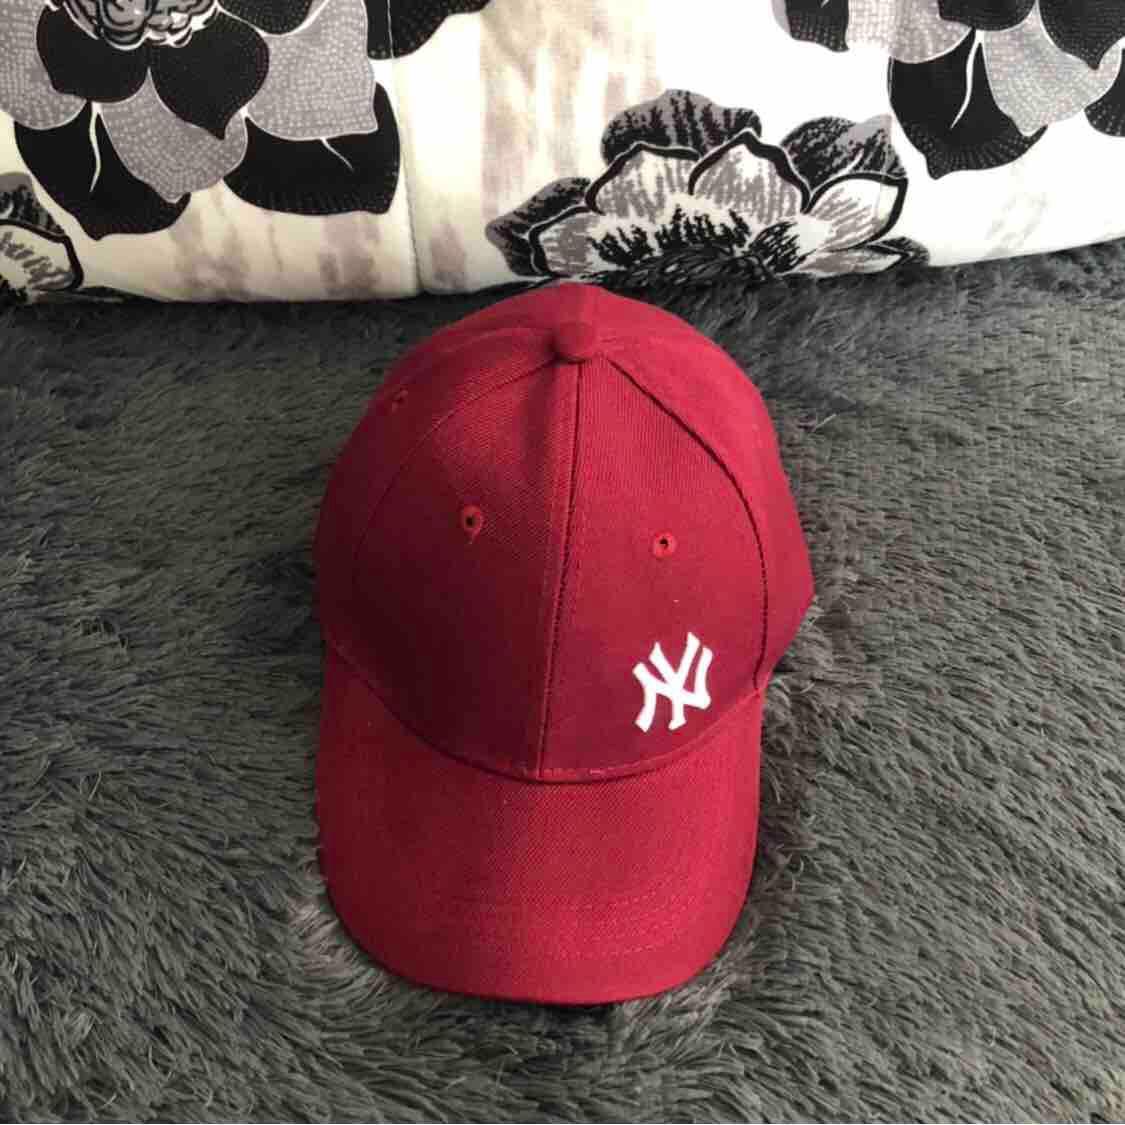 b604abfdd NY Baseball Cap unisex